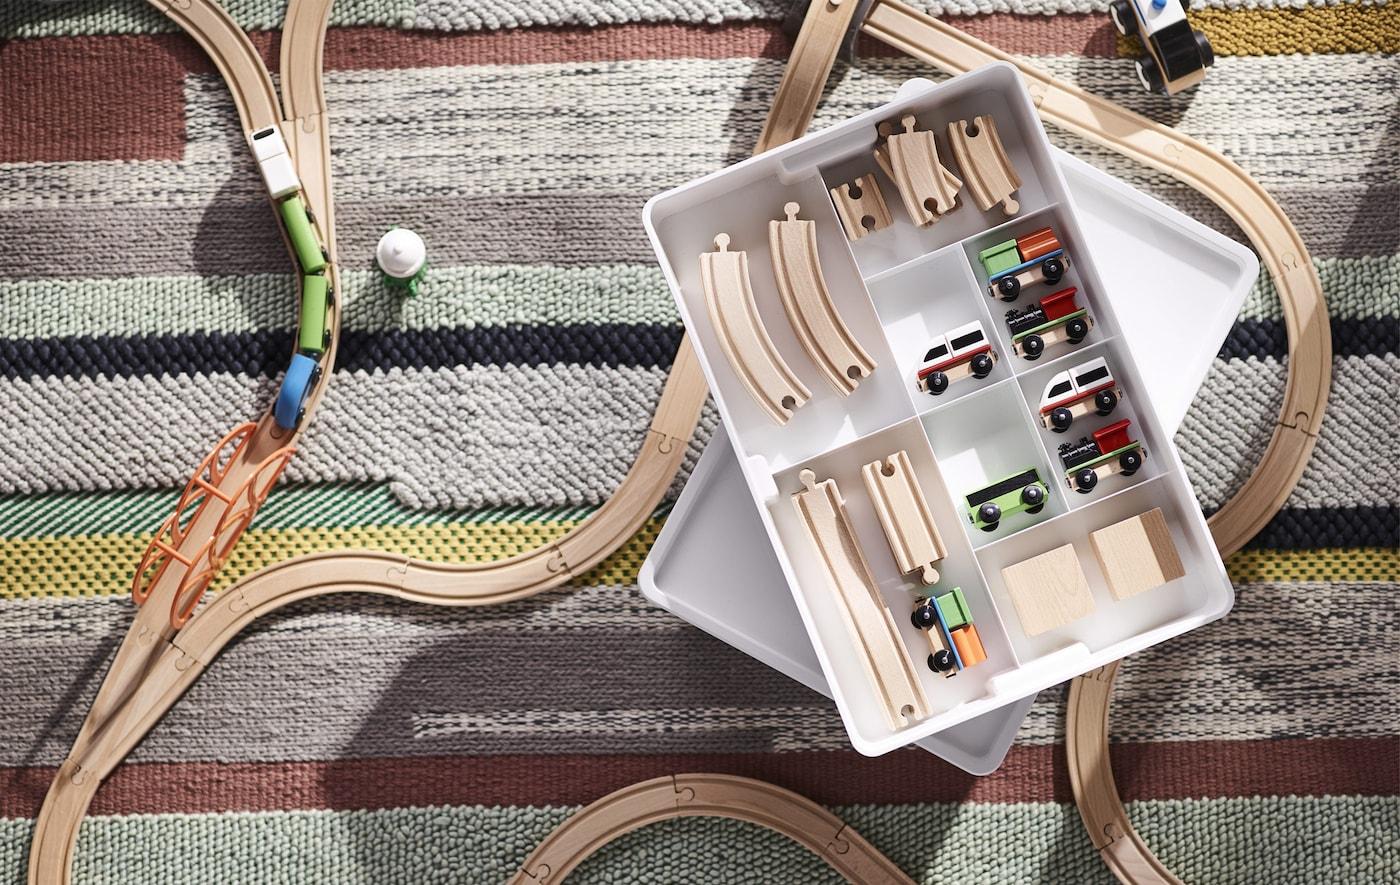 Vasca Da Bagno Neonato Ikea : Ikea camerette neonati lettini neonato ikea simple lettino per